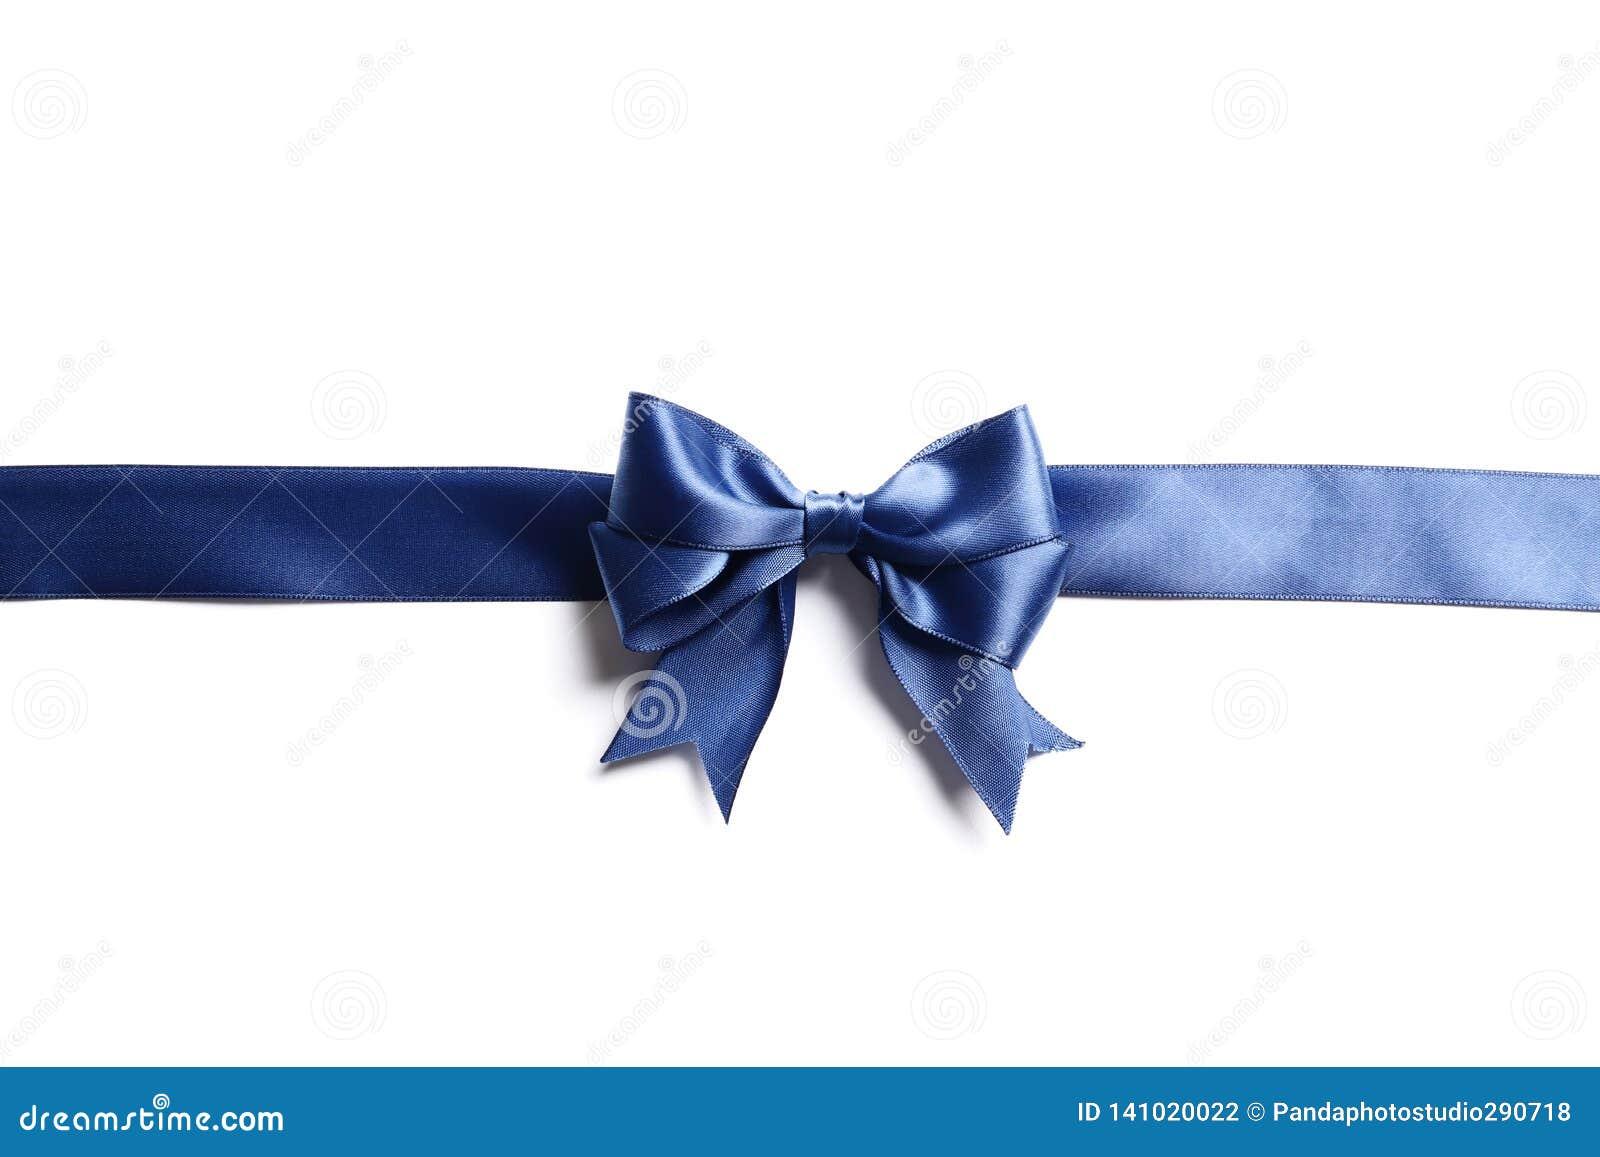 Schöner blauer Bogen und Band lokalisiert auf weißem Hintergrund